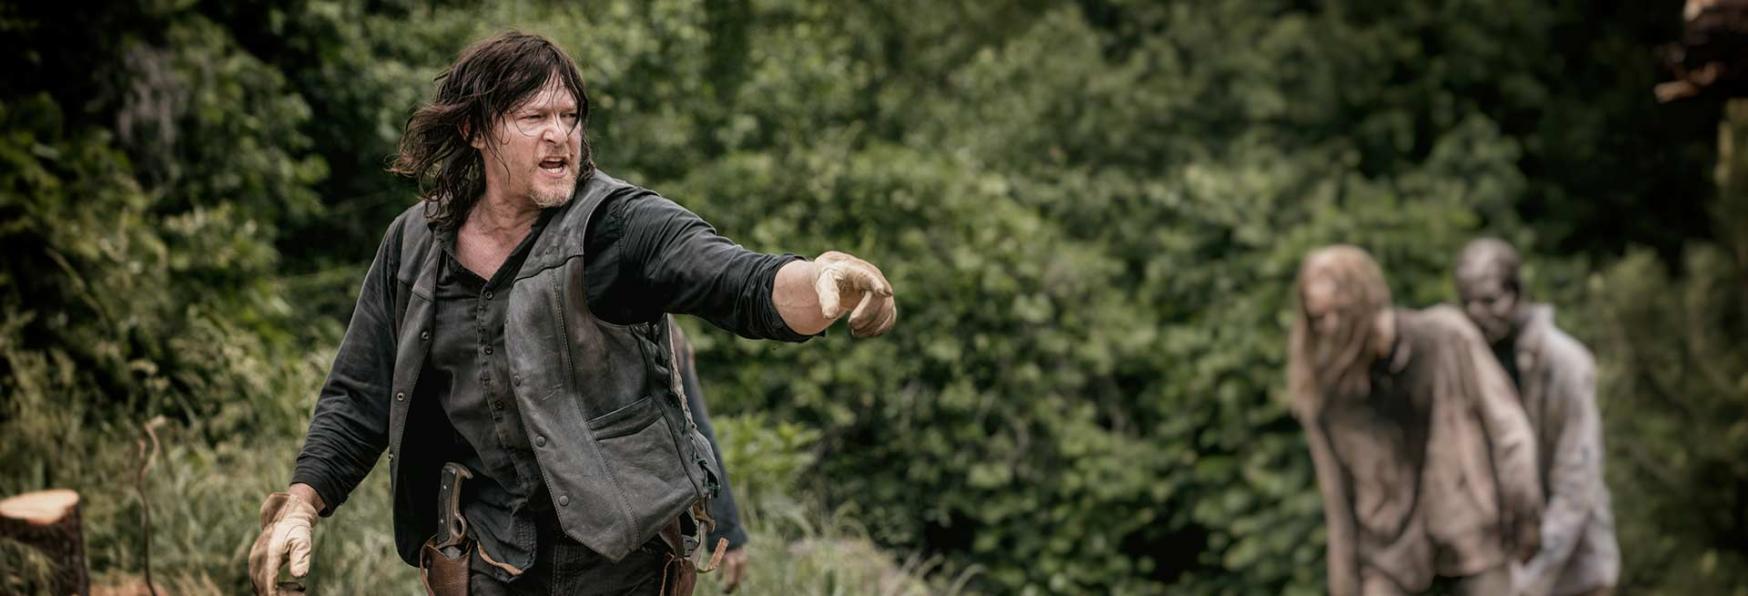 The Walking Dead 11: il Teaser Trailer svela la Data di Uscita della Stagione Conclusiva